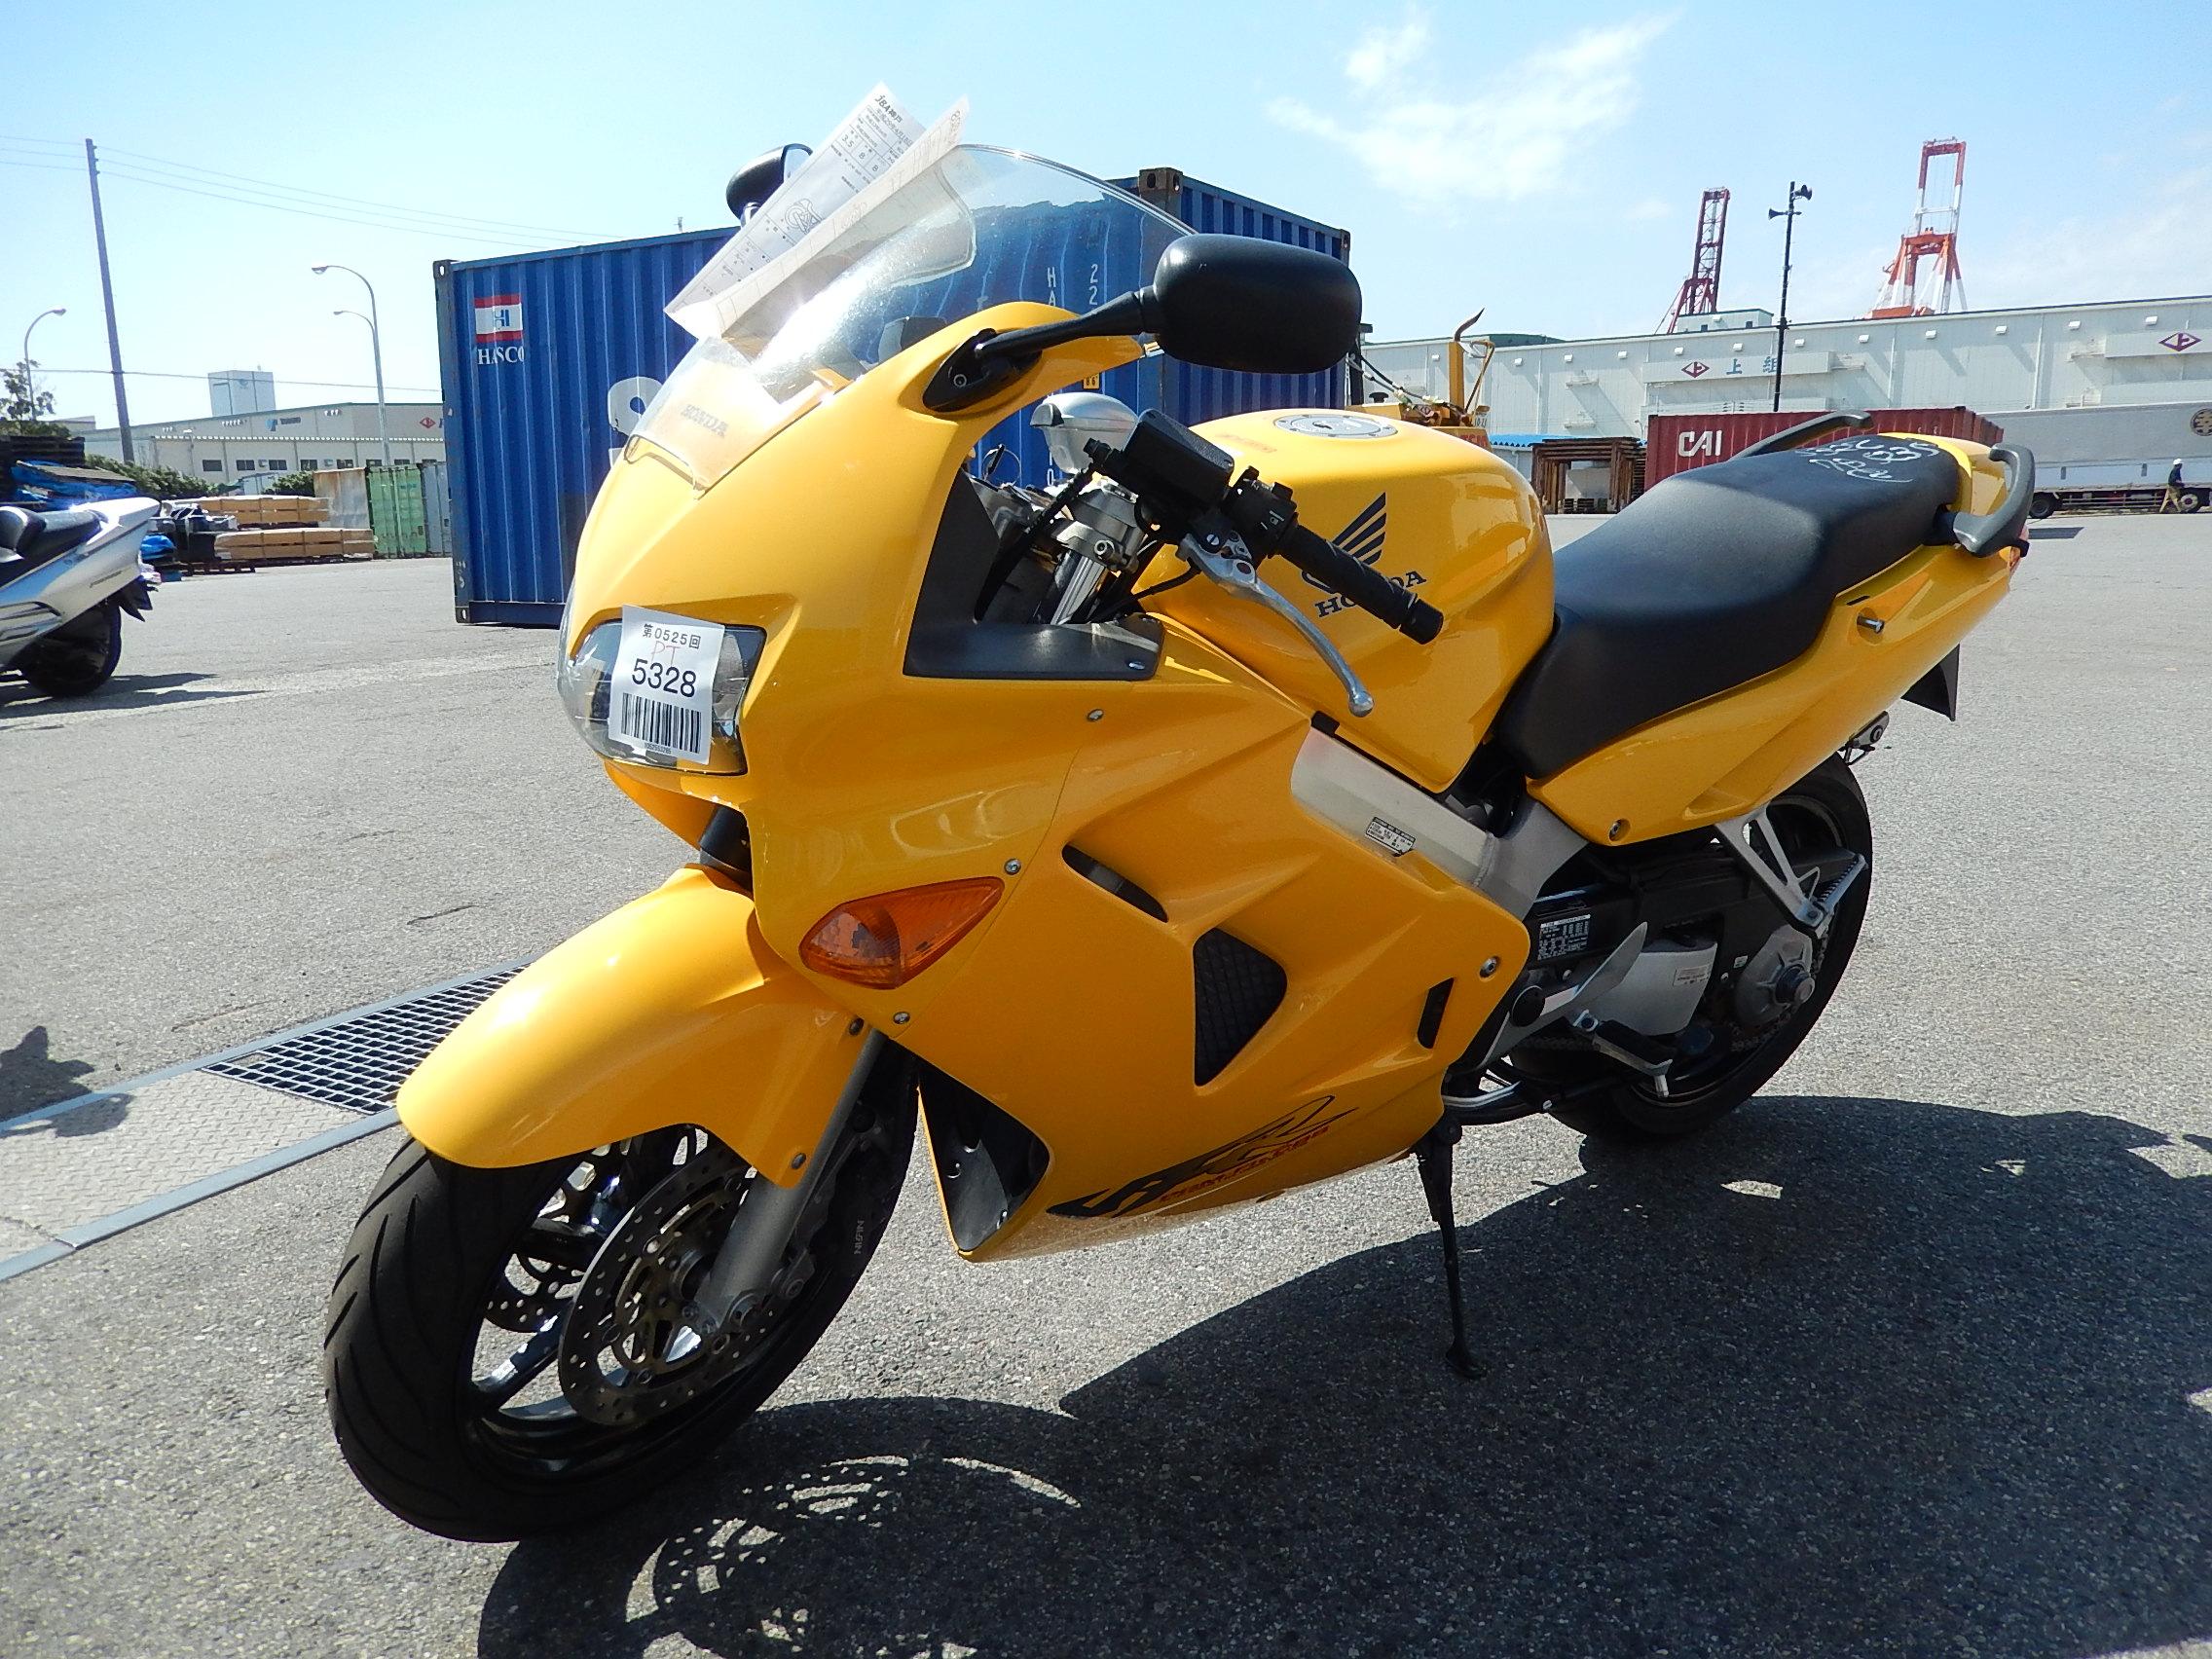 Кофры, сумки - Продажа мотоциклетных аксессуаров и ...